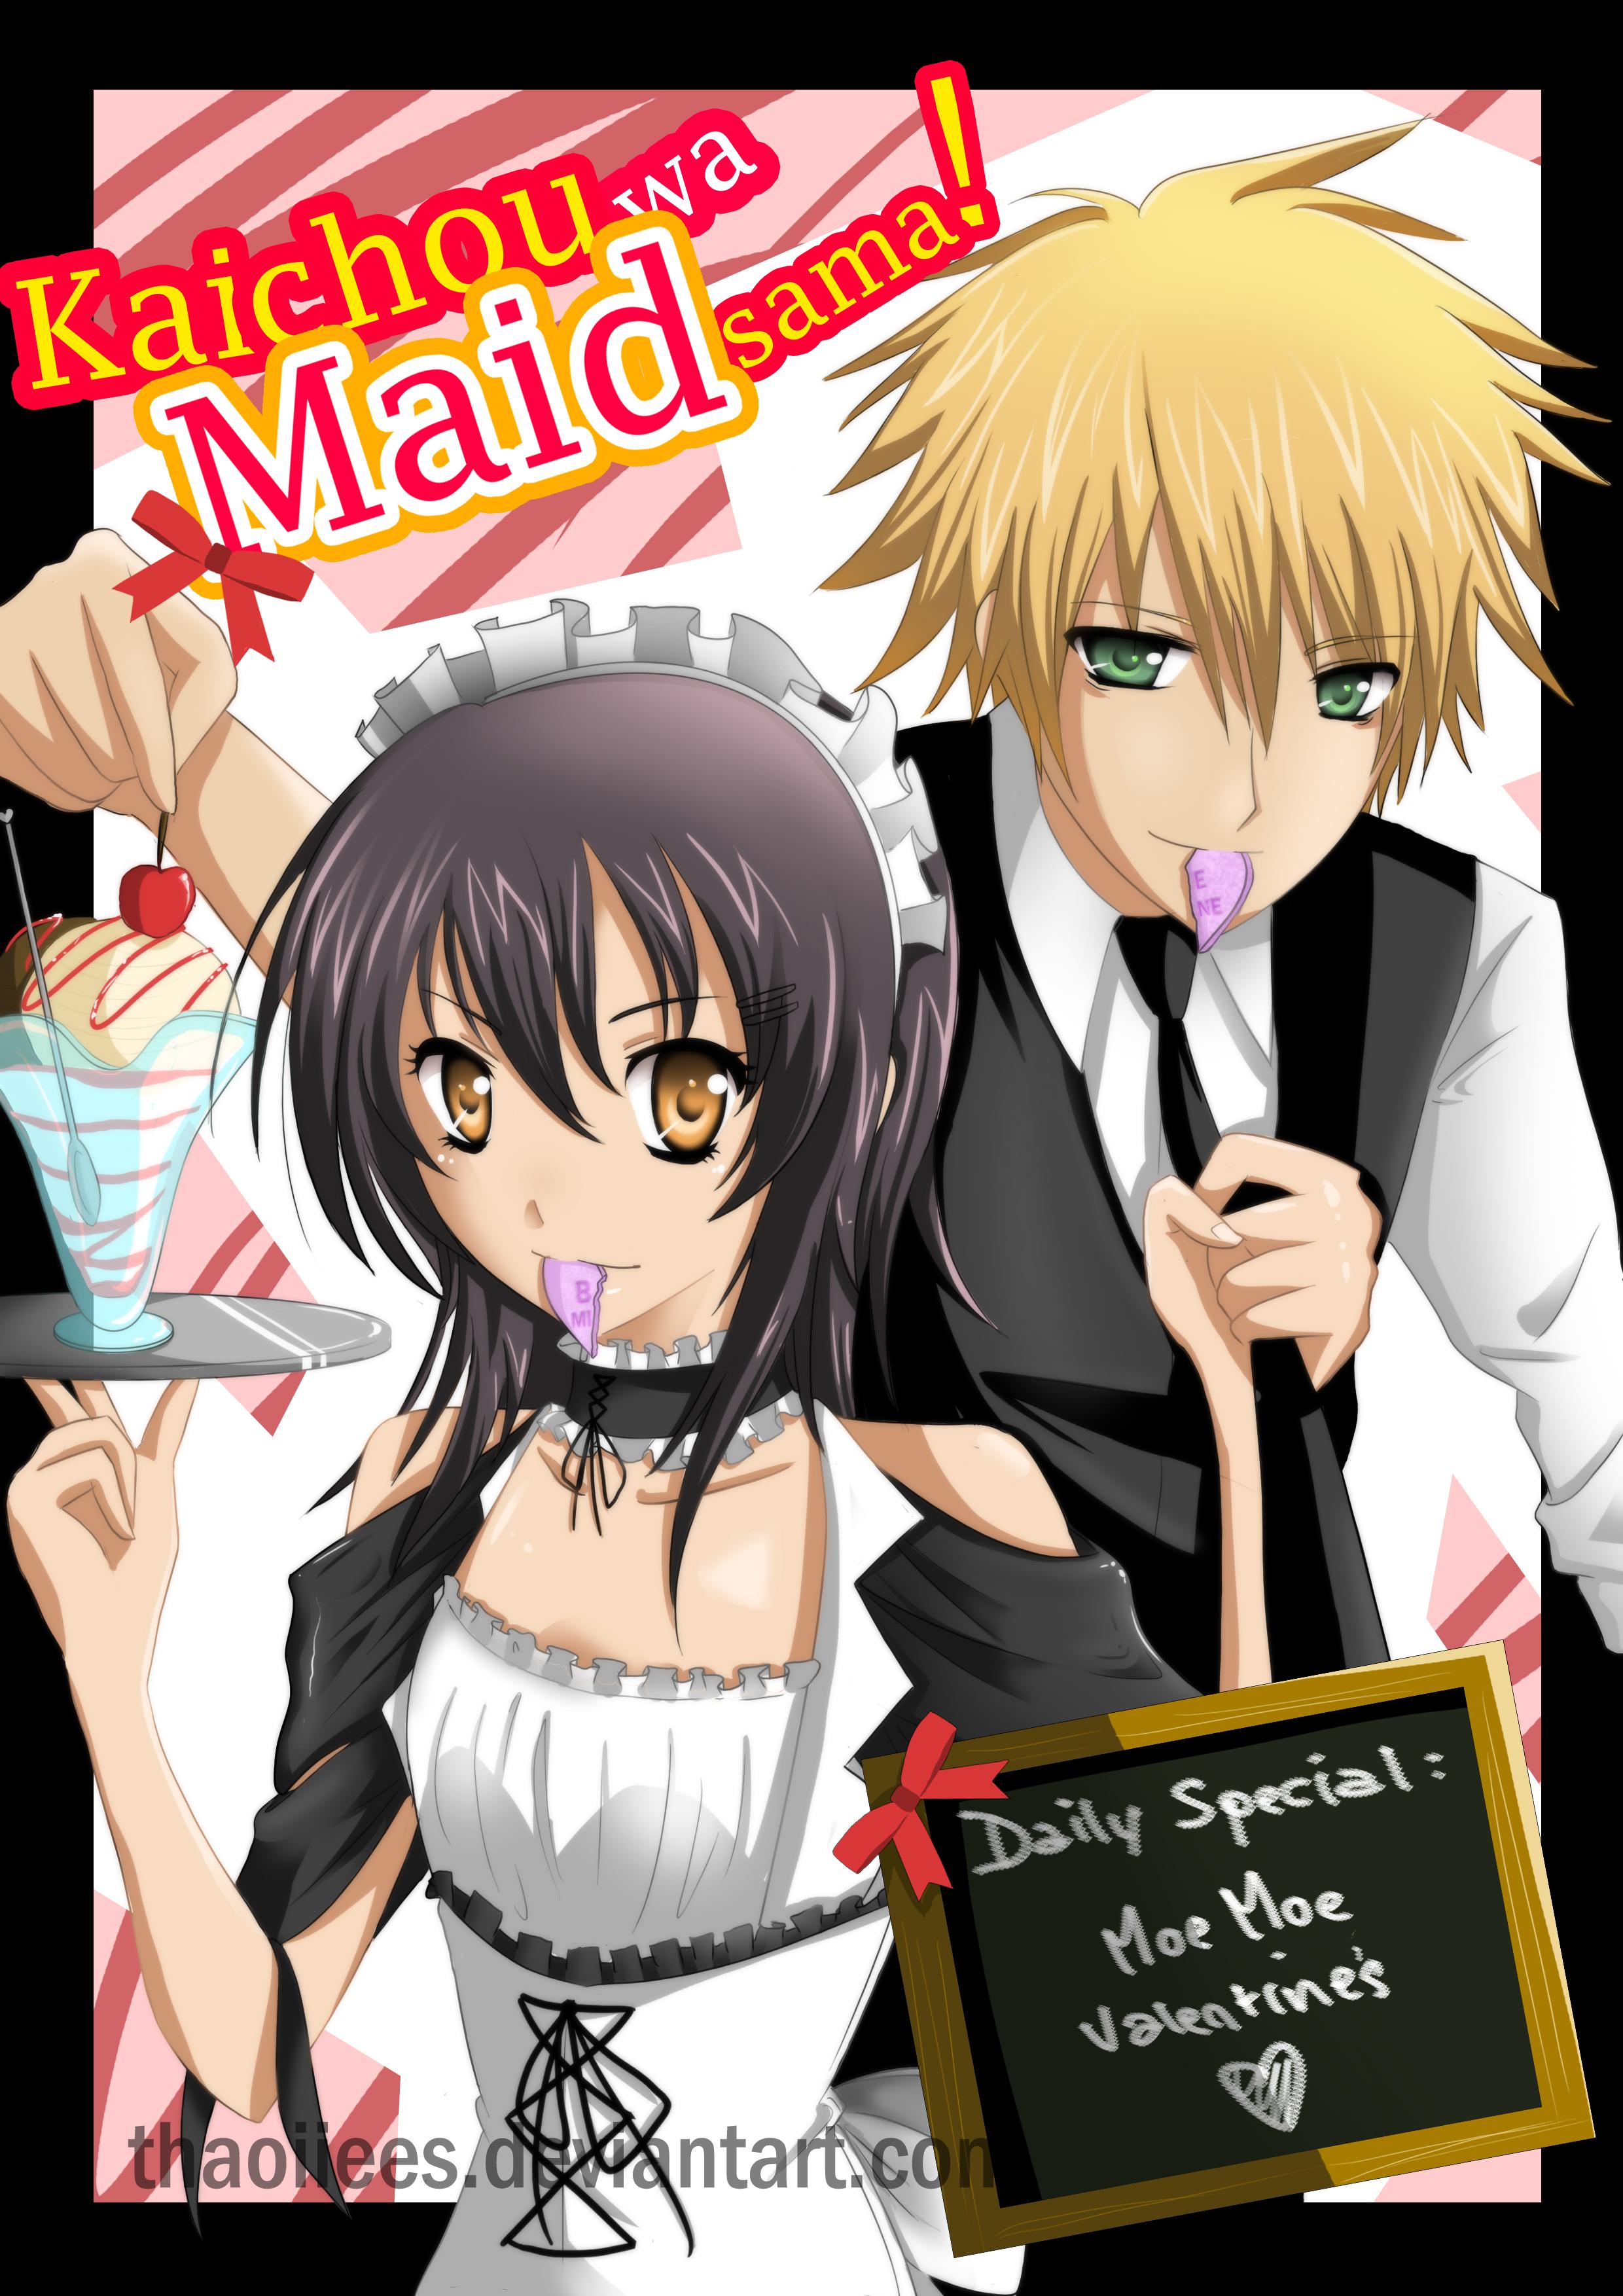 maid sama season 2 manga pdf